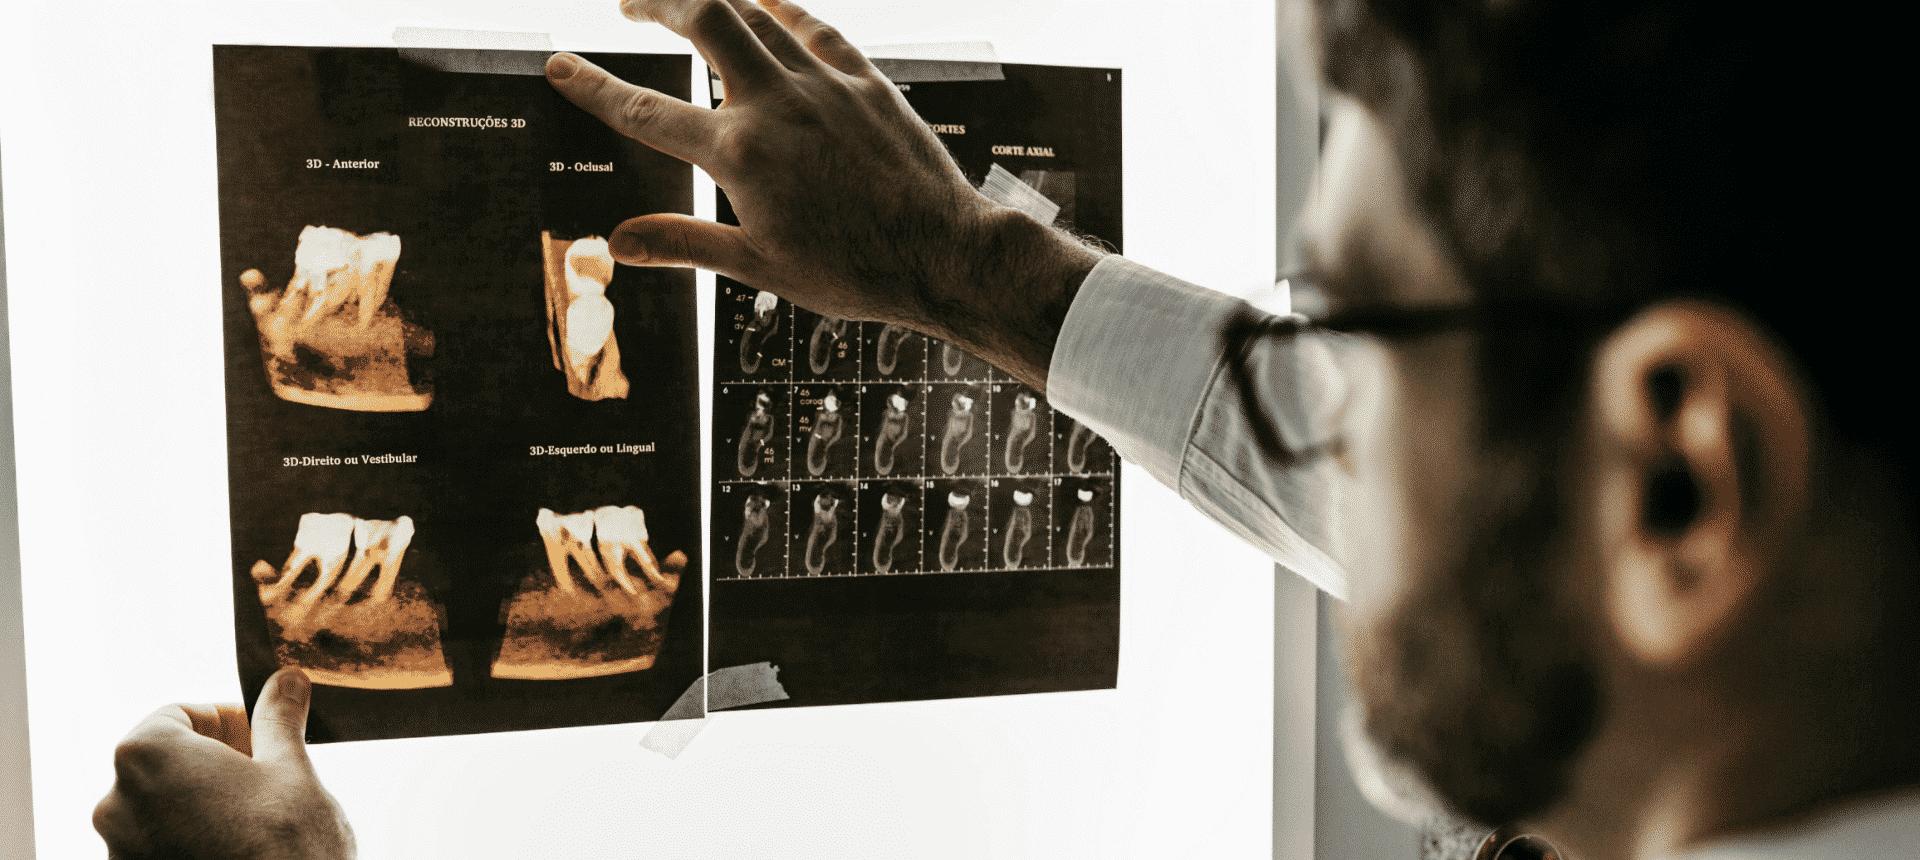 Unkomplizierte klinische Datenerhebung – ein Beispiel aus der Praxis